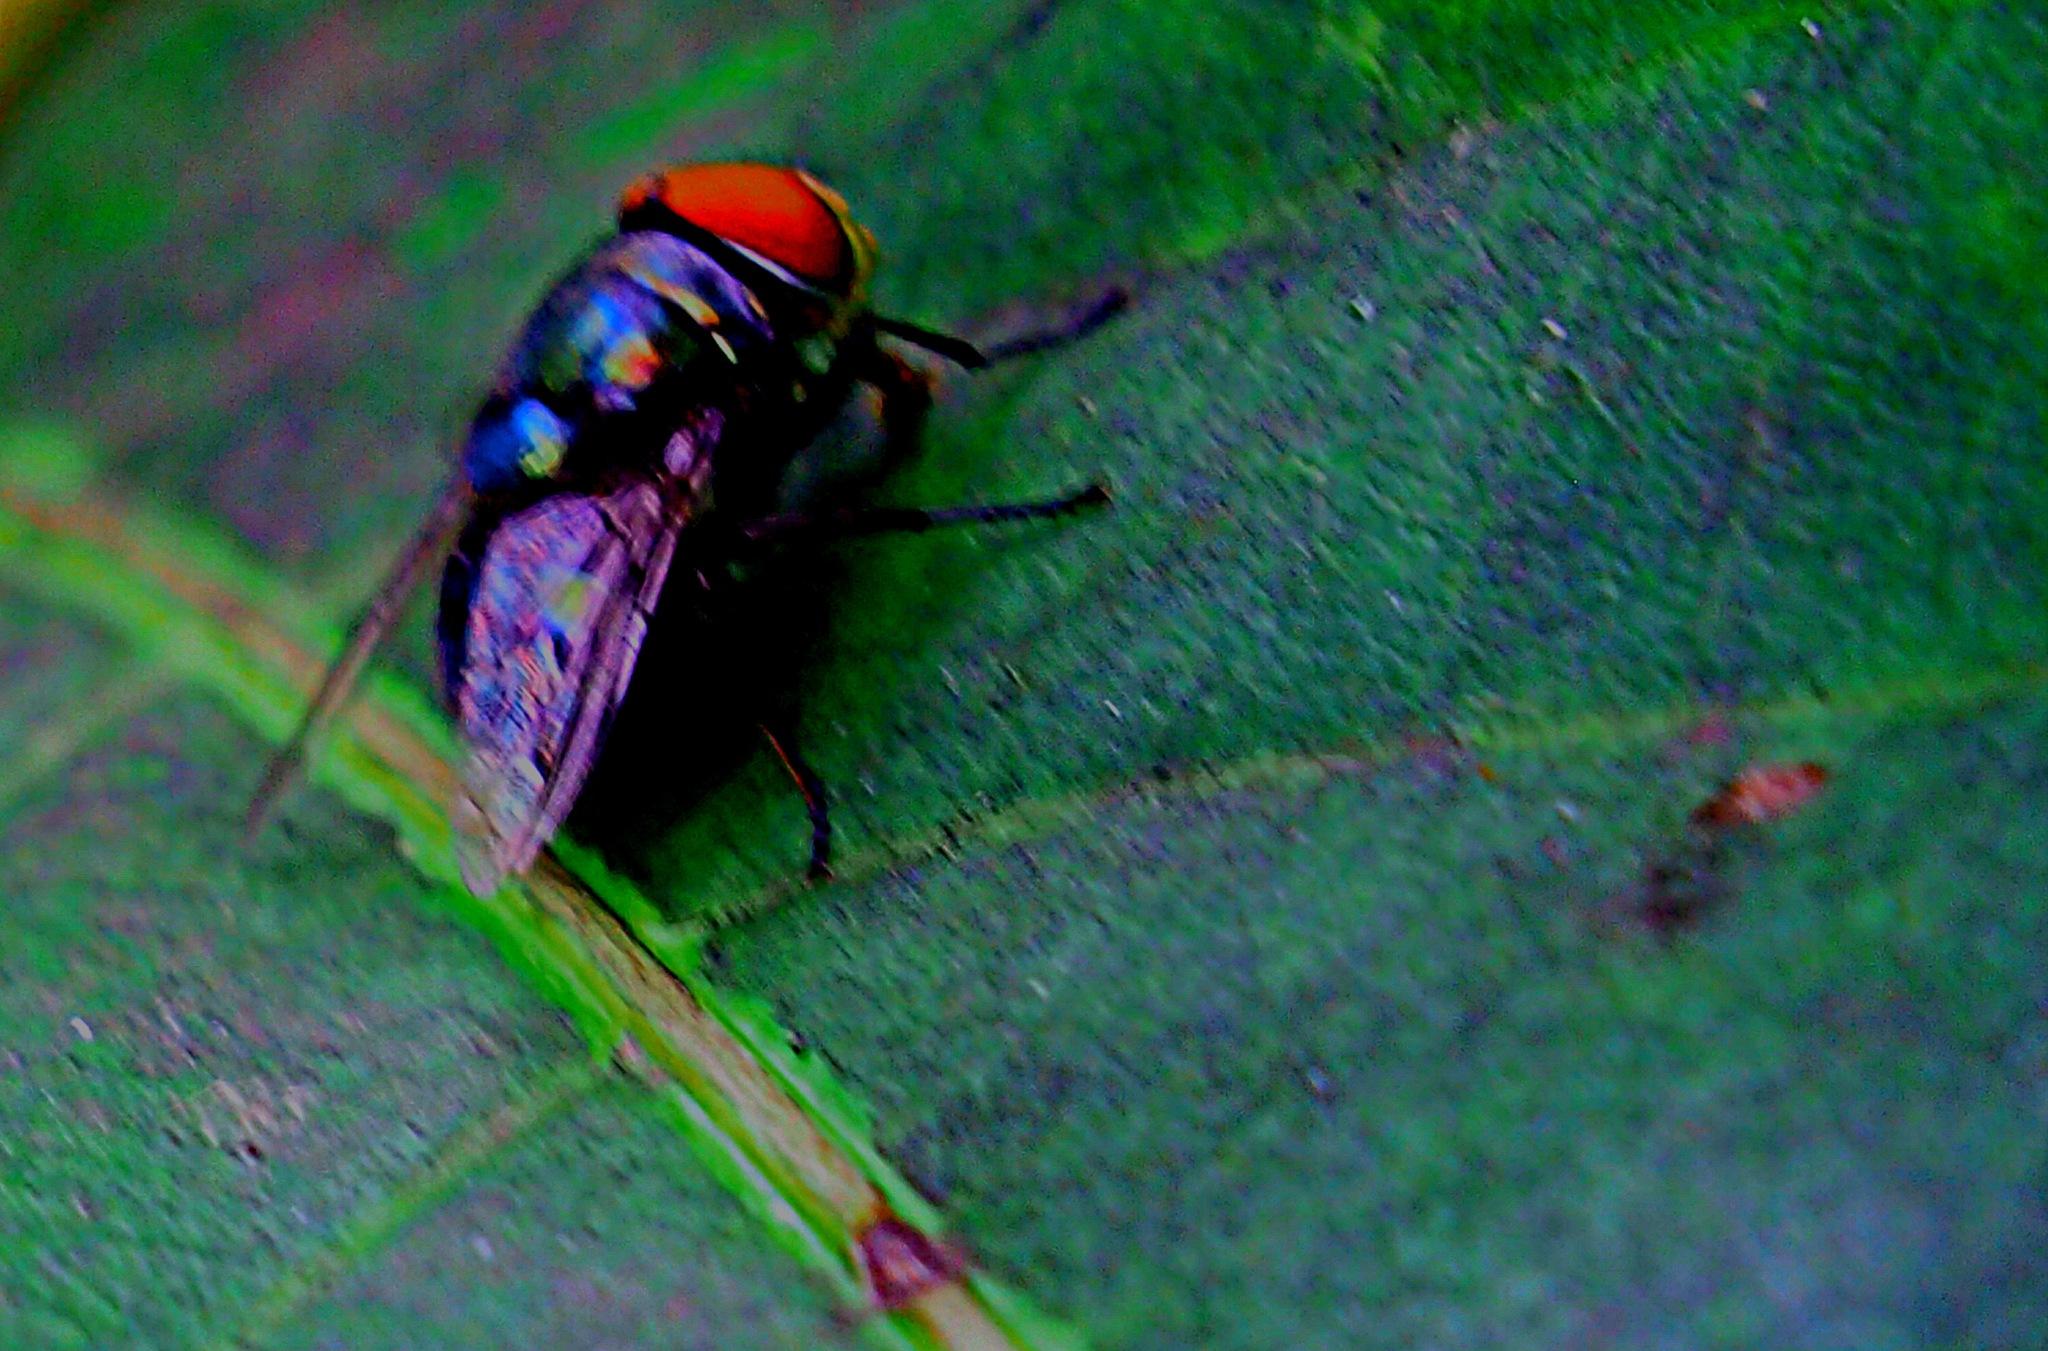 The Fly! by Rudy Tarrazona Guacena